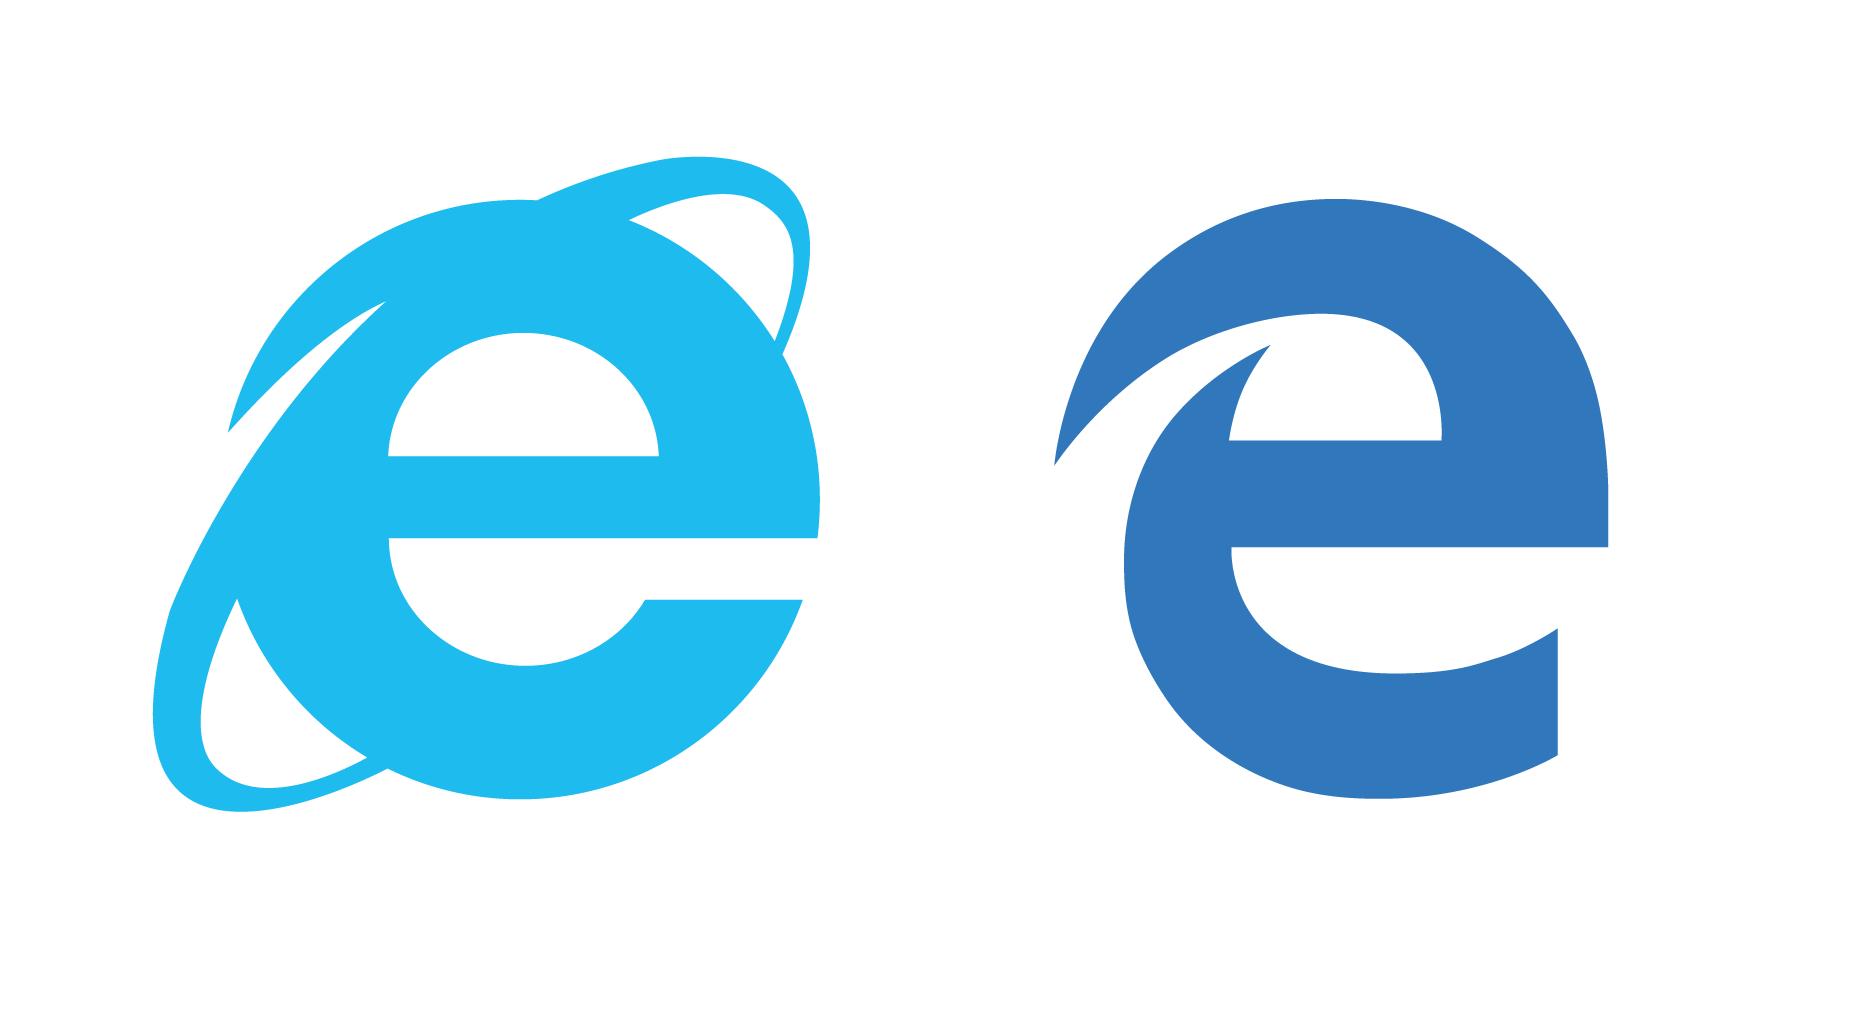 -Logo vergelijken